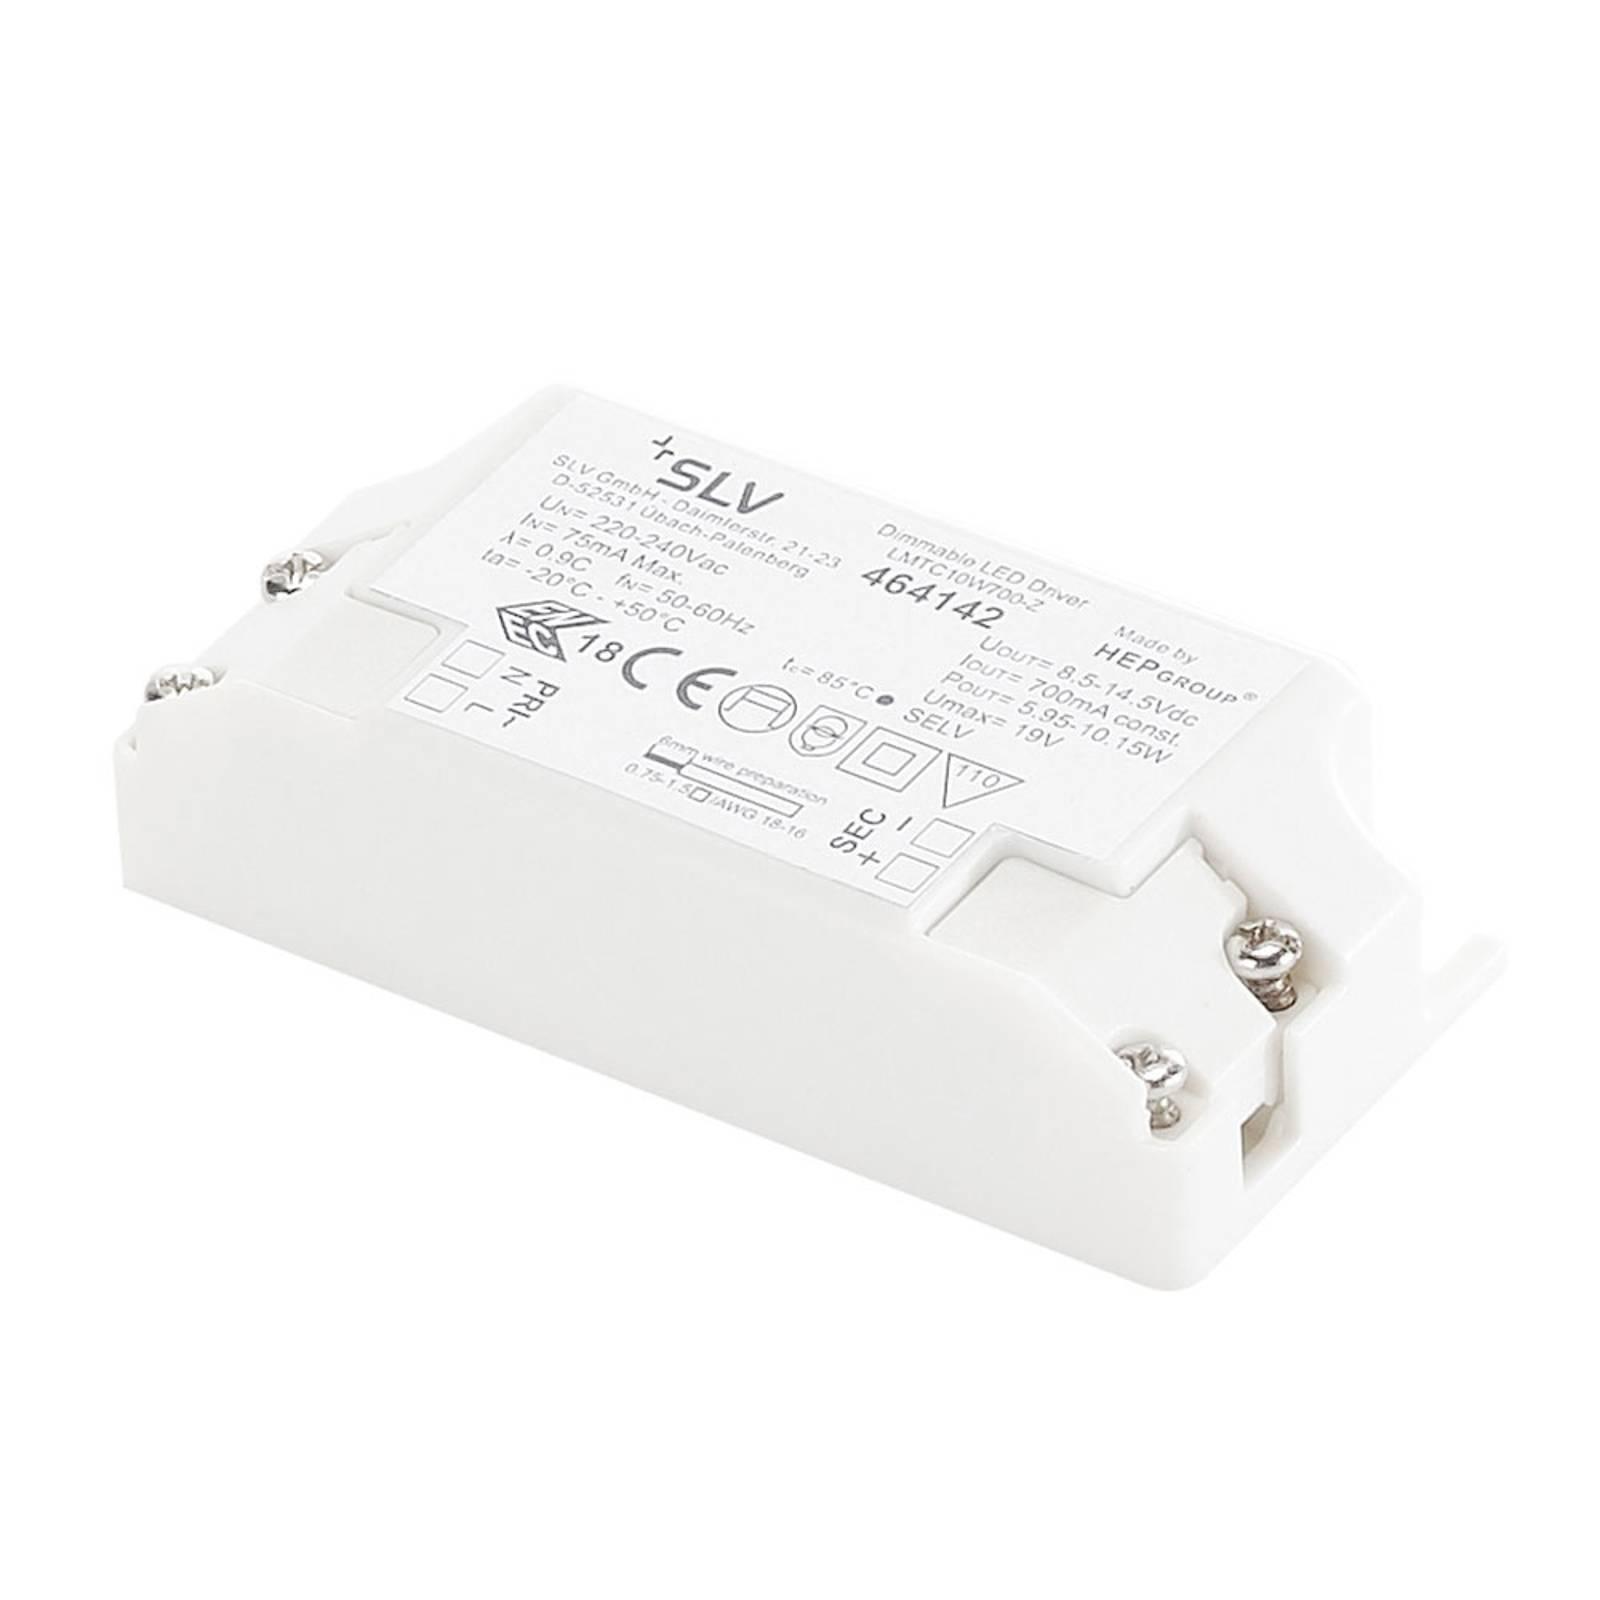 SLV-LED-muuntaja 10,5 W 700 mA, himmennettävä